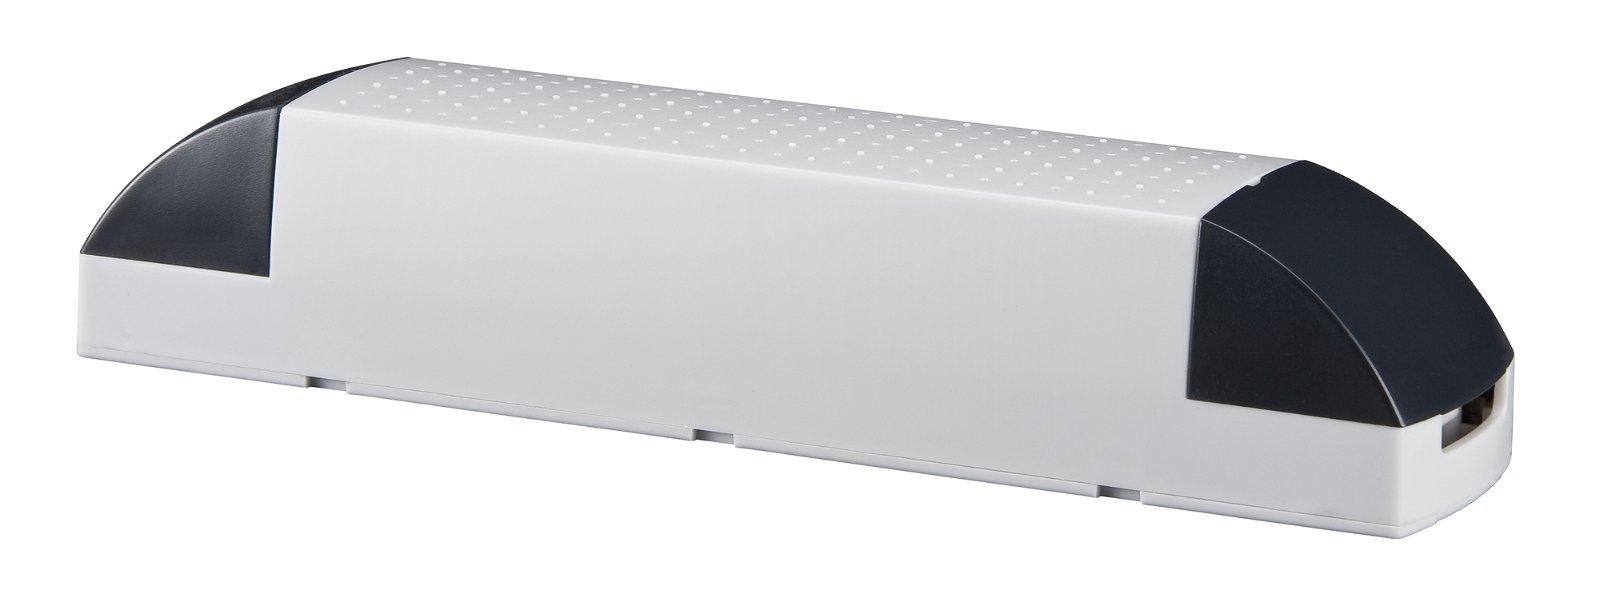 VDE Elektroniktrafo Profi 230/12V 250VA Grau/Schwarz